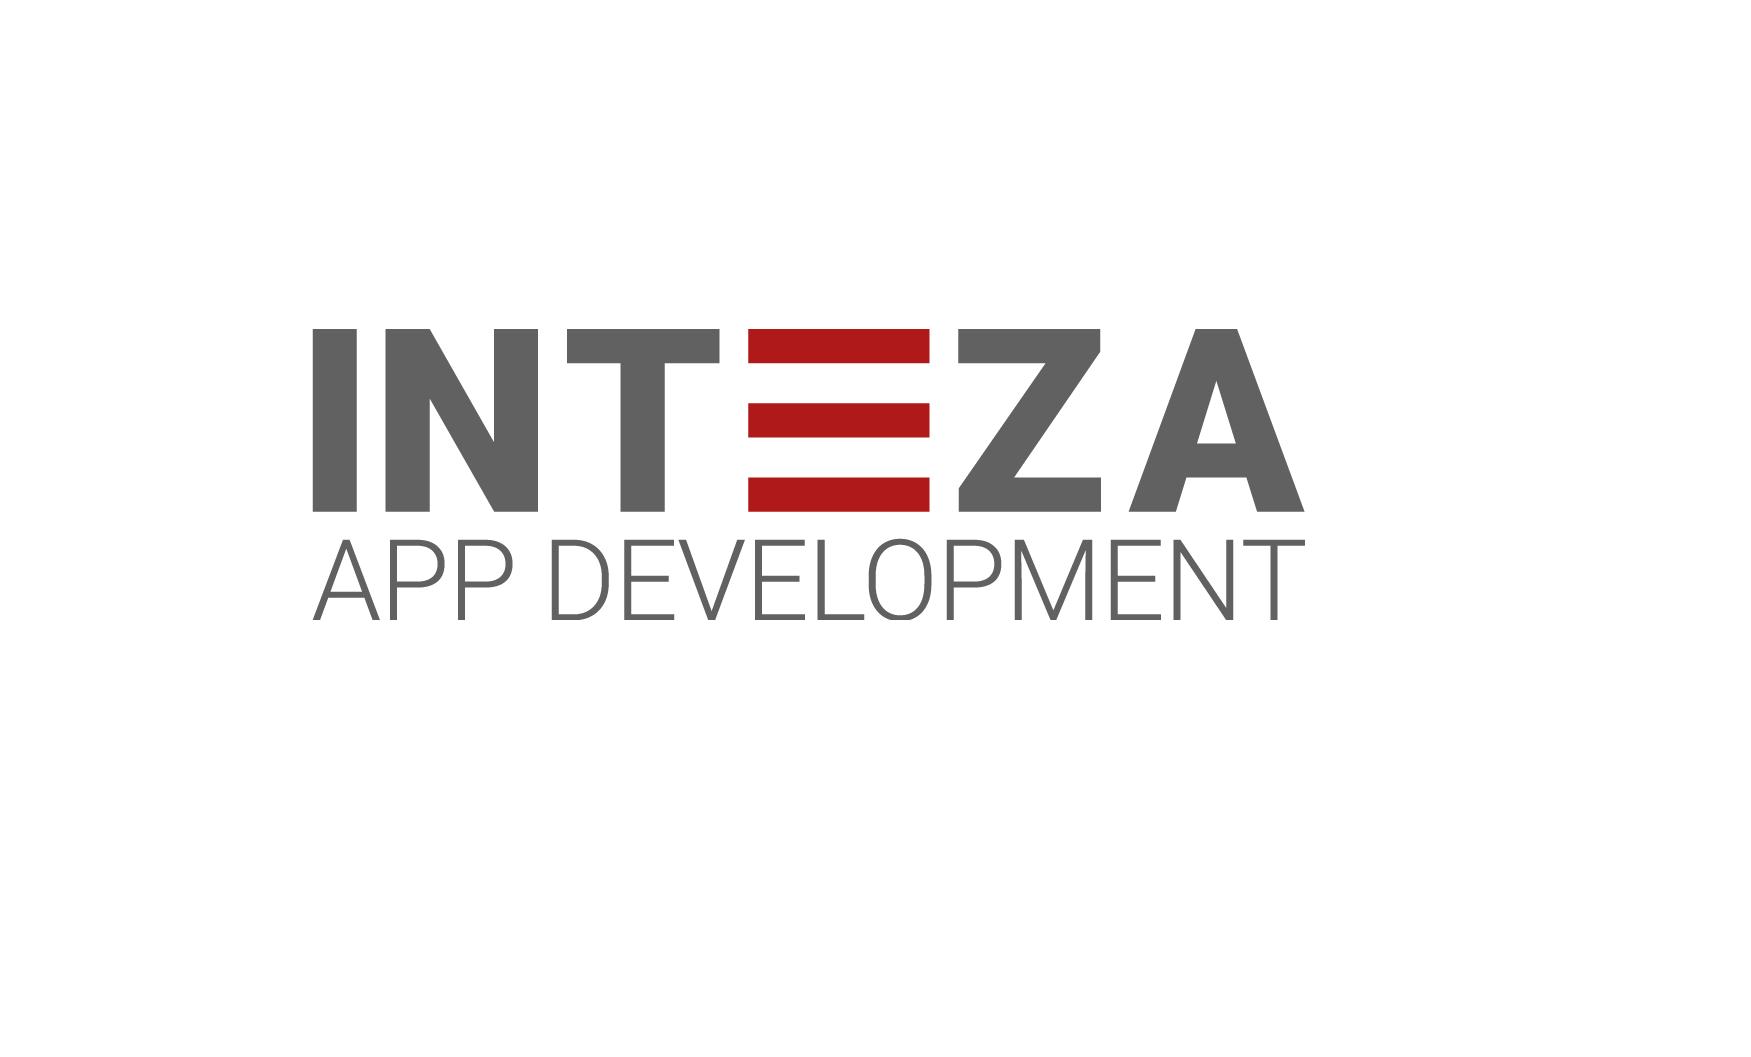 Inteza Apps